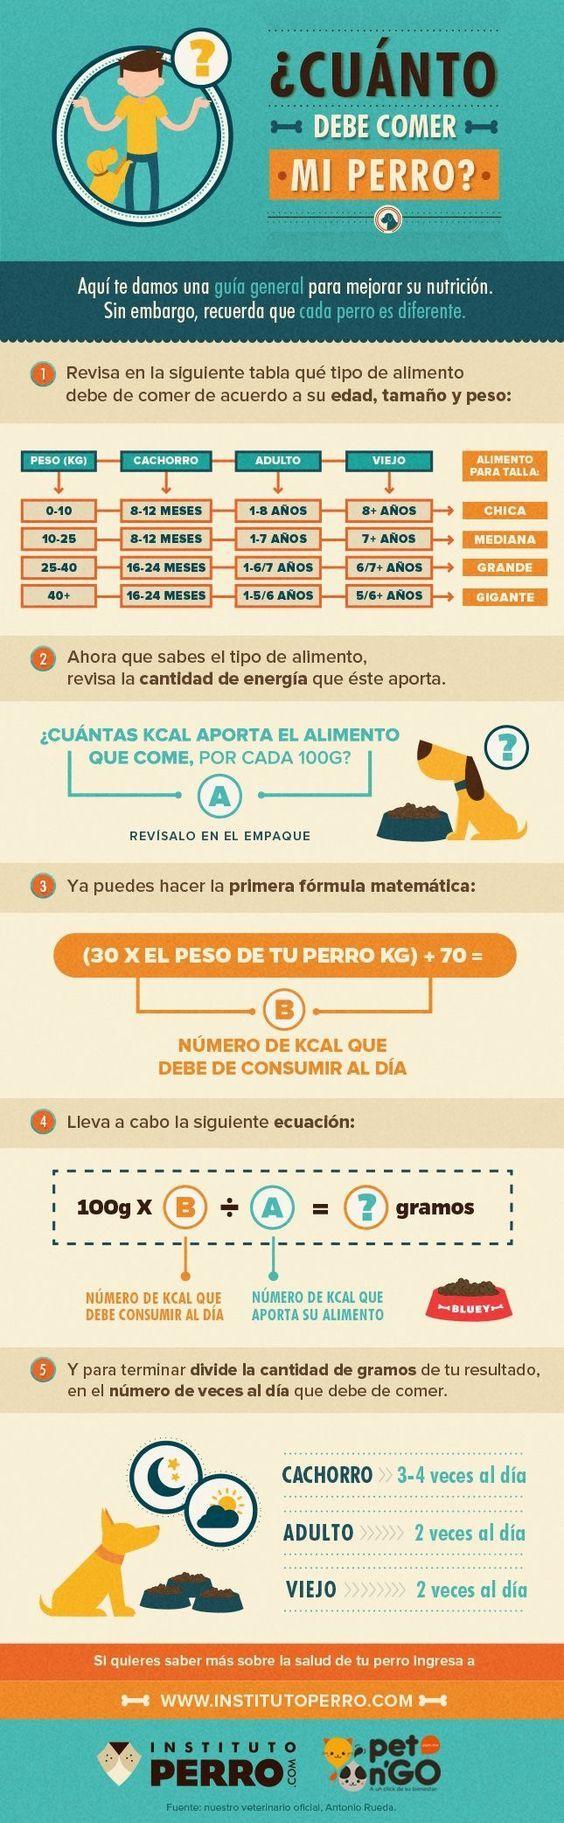 Cuanto debe comer tu perro